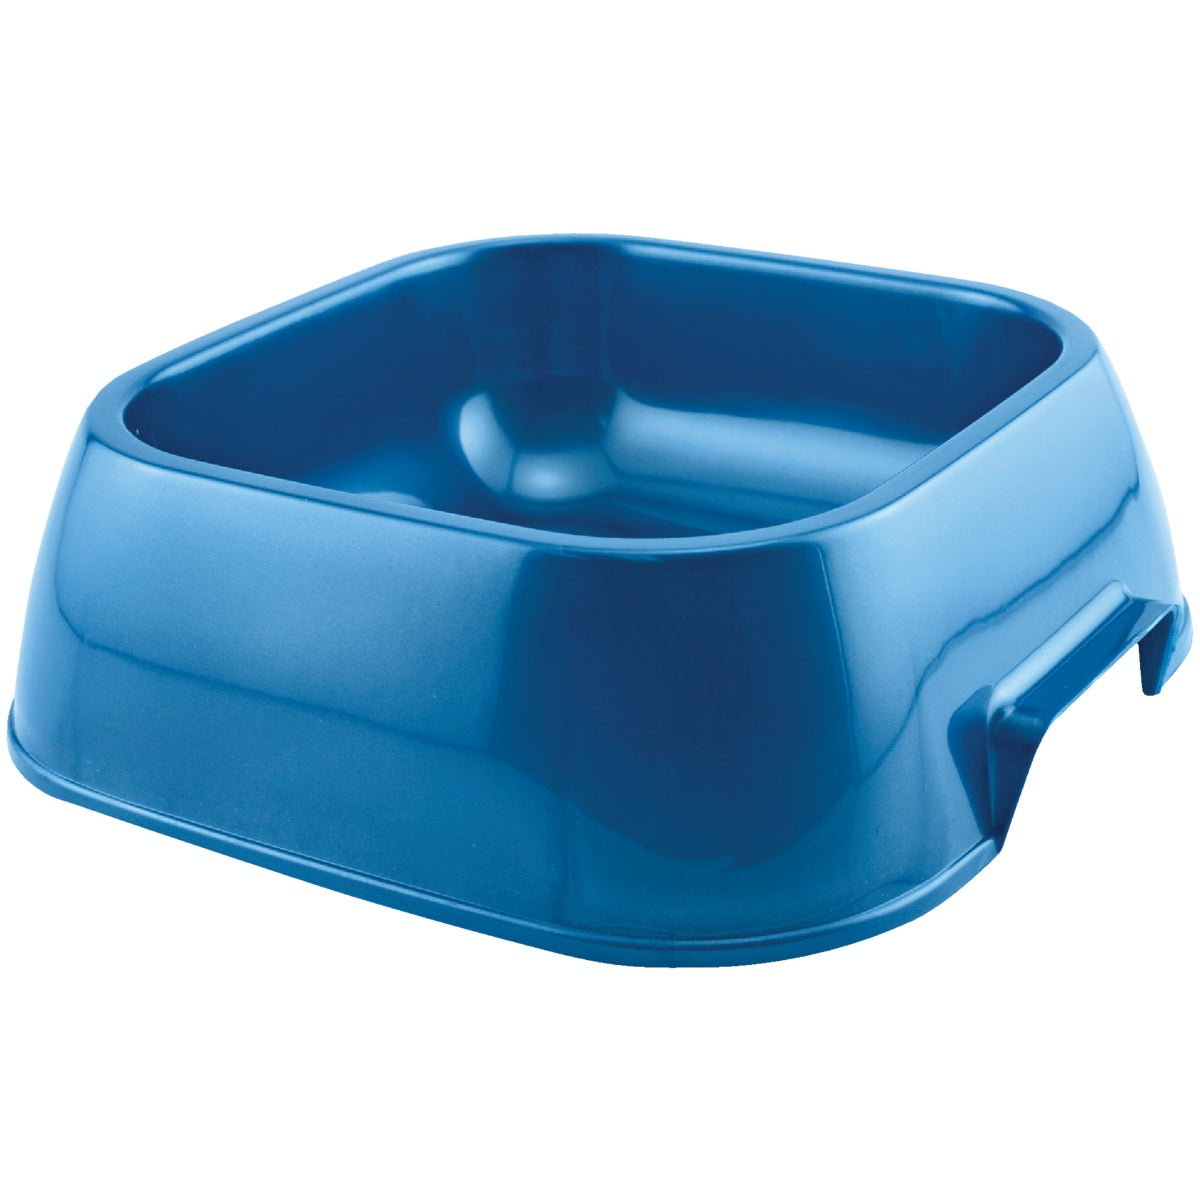 Westminster Pet 00303 Plastic Dog Bowl